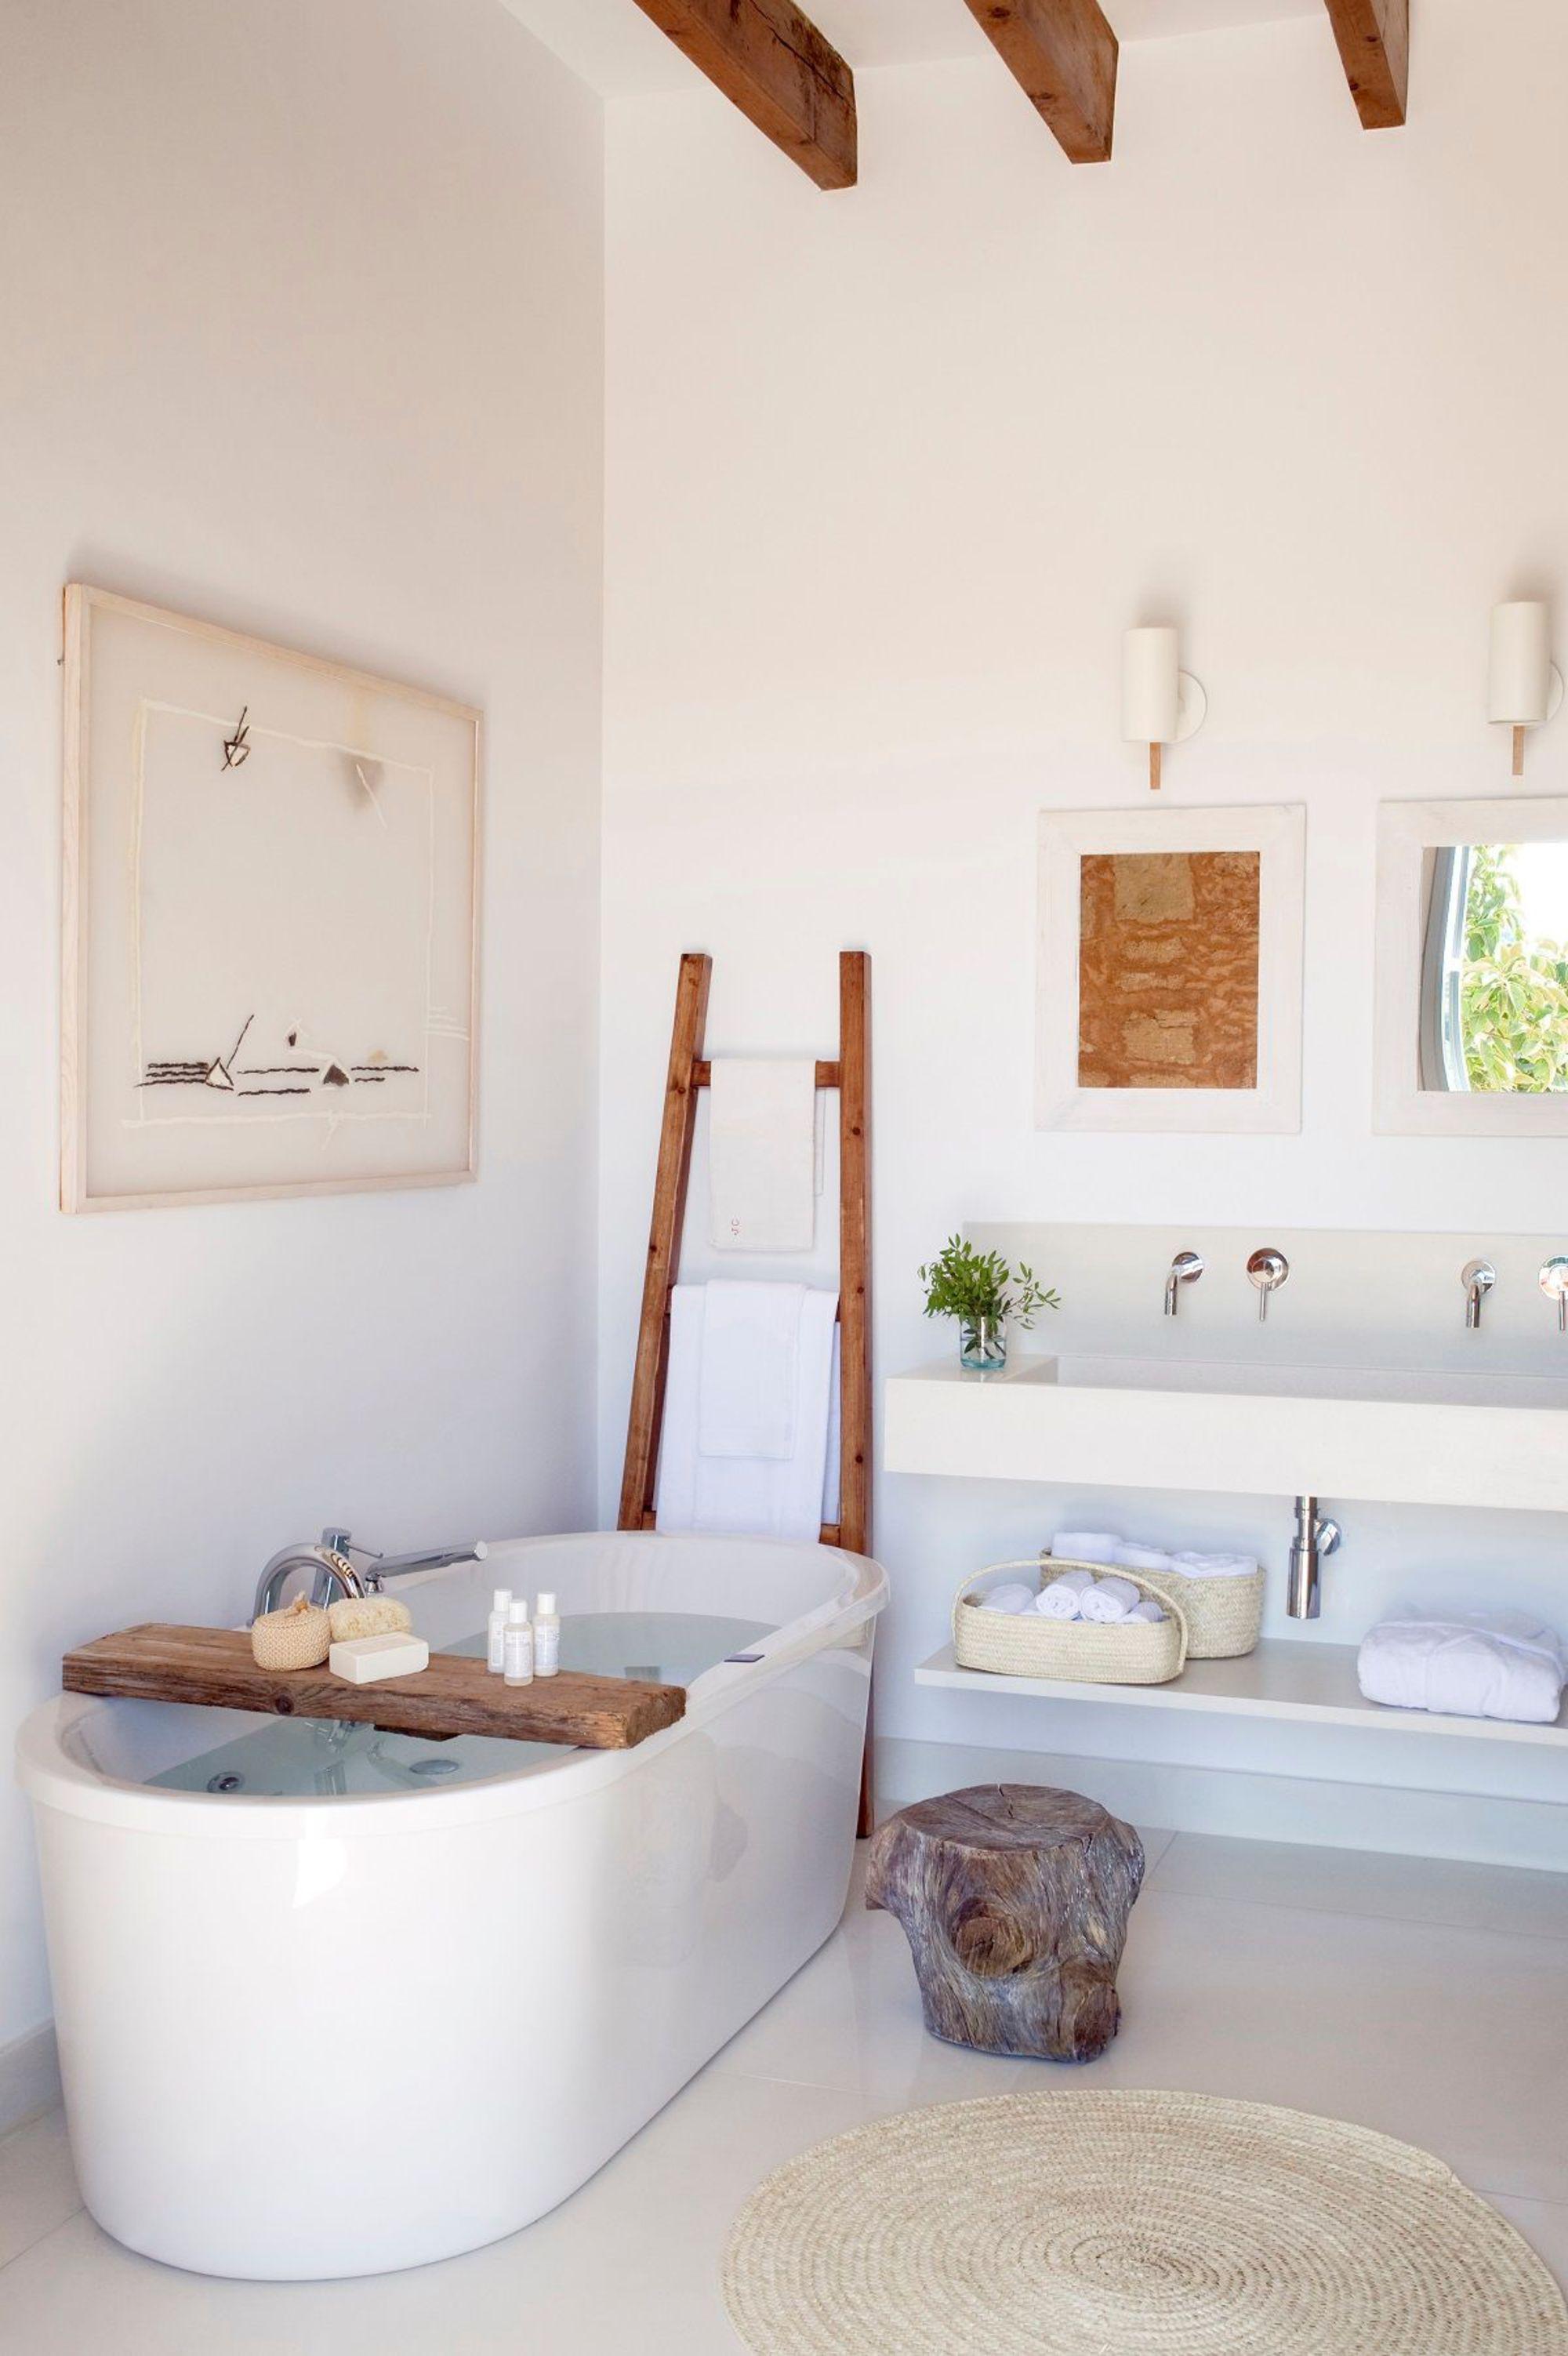 deco salle de bain esprit bord de mer tendance deco and style